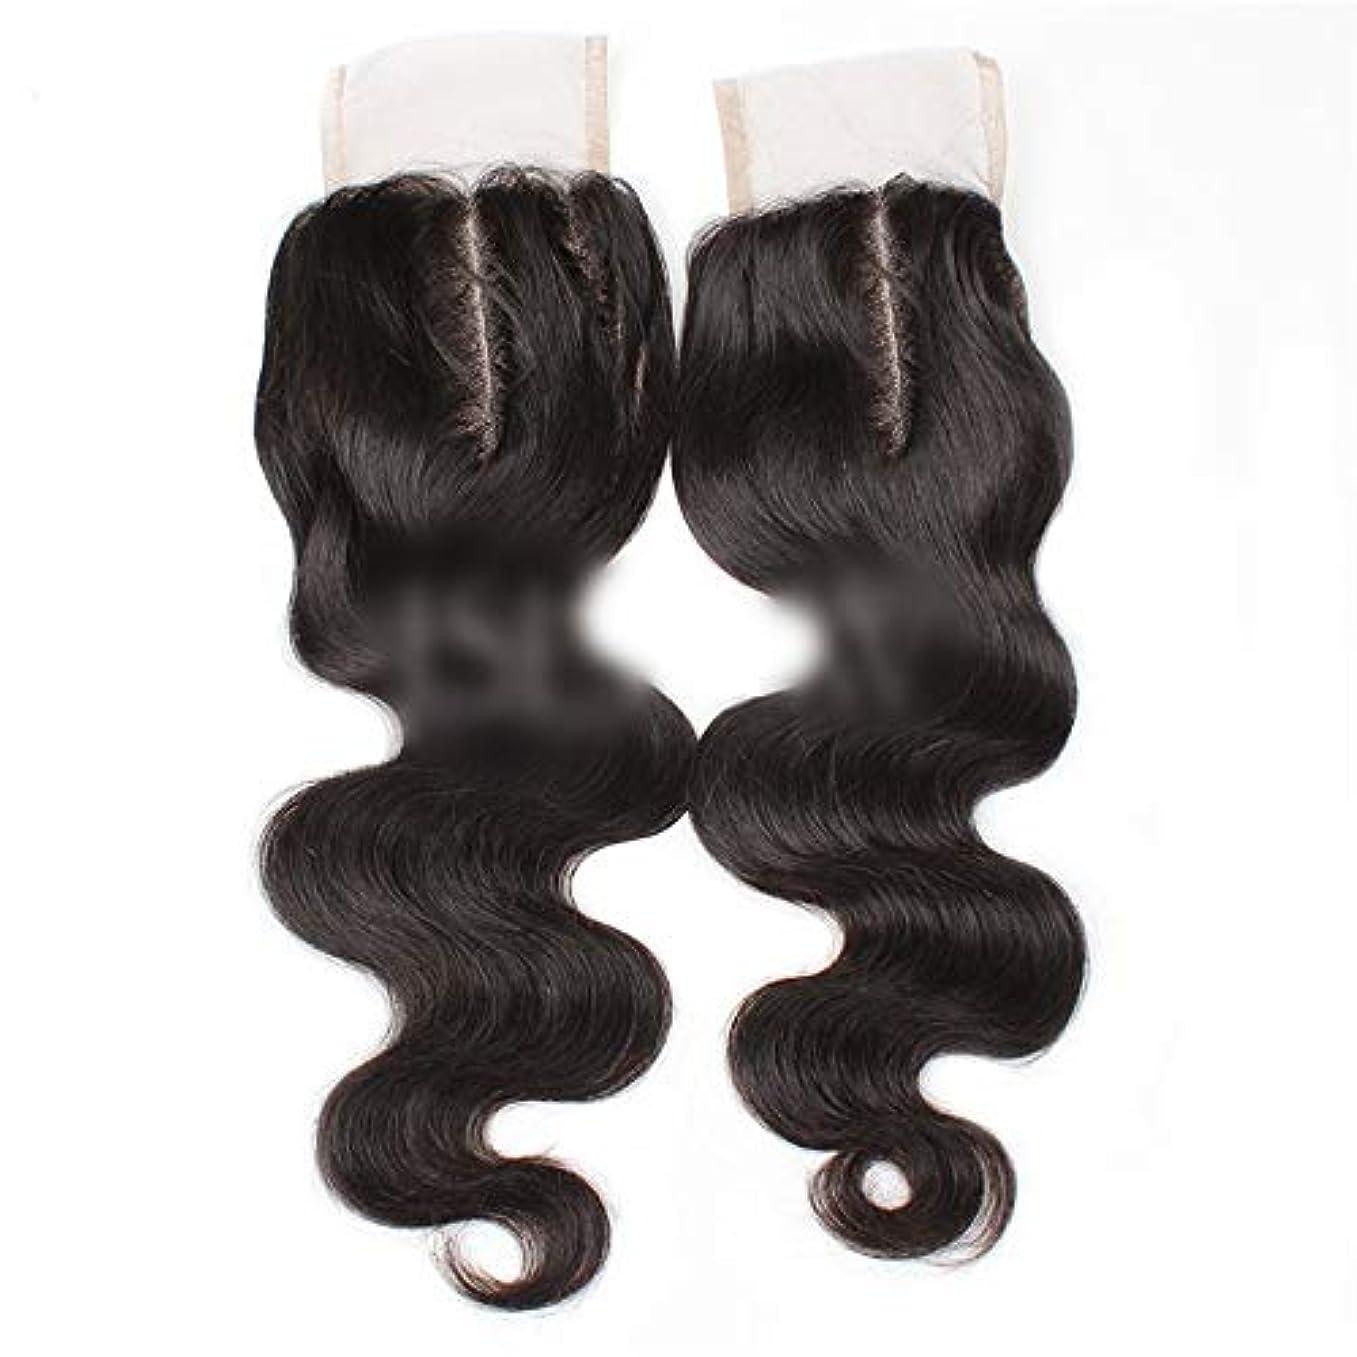 酔っ払いエンティティ思われるWASAIO ブラジルの髪の女性生物ブラック8用ボディウェーブ上腹部パート人間の髪「-20」4X4レースクロージャー (色 : 黒, サイズ : 18 inch)